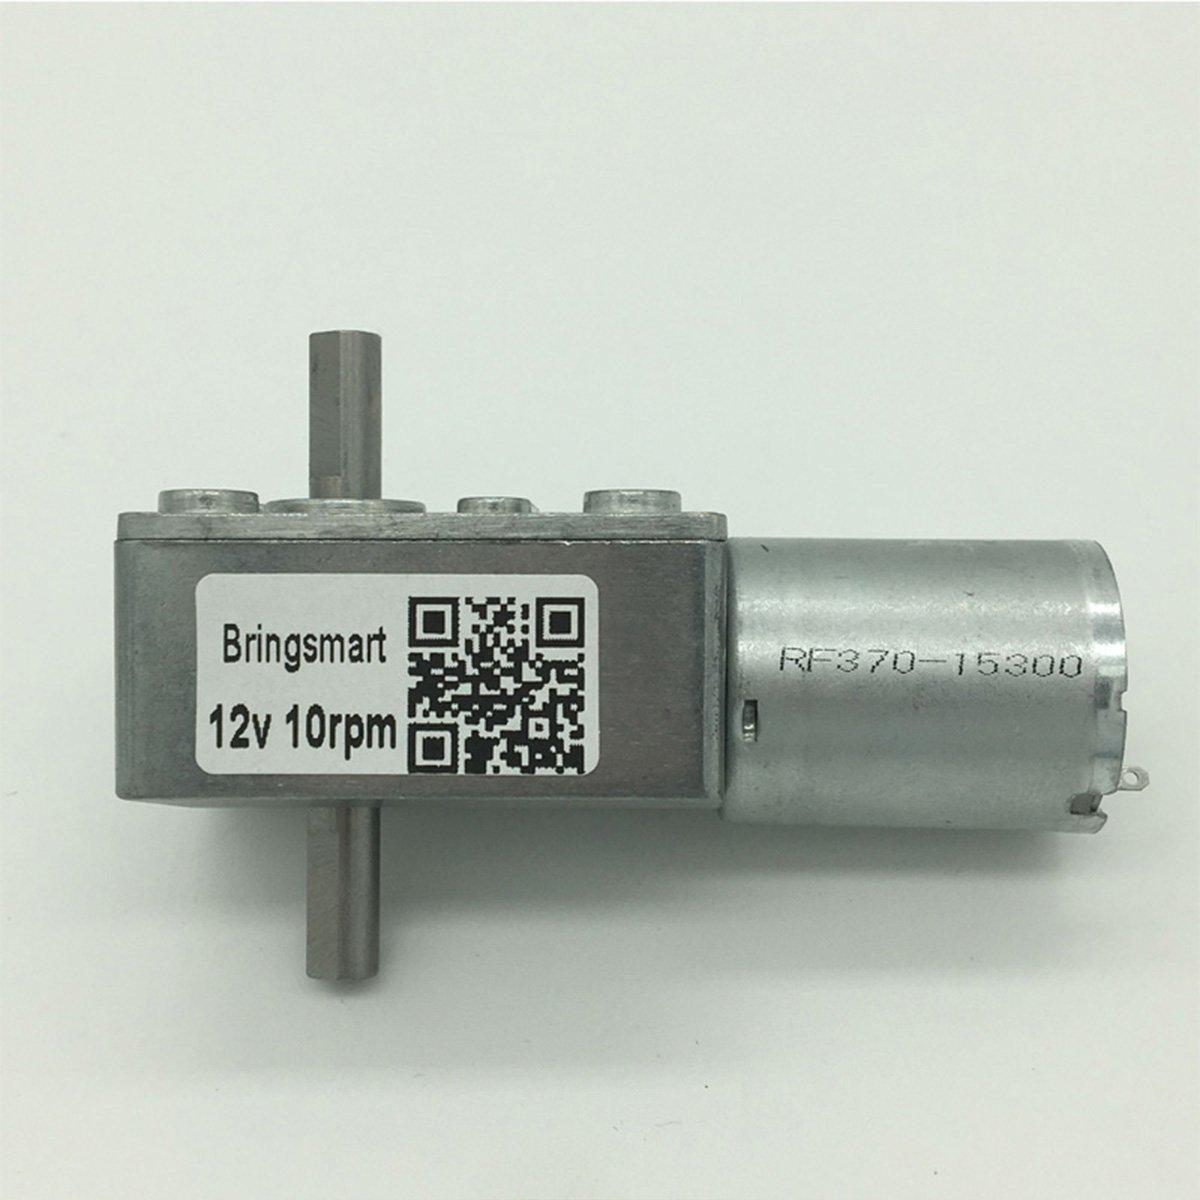 Bringsmart 6V Double Shaft Gear Motor 12V 24V DC Dual Output Shaft Reducer Self-lock (JGY-370 6V 6rpm) by Bringsmart (Image #5)